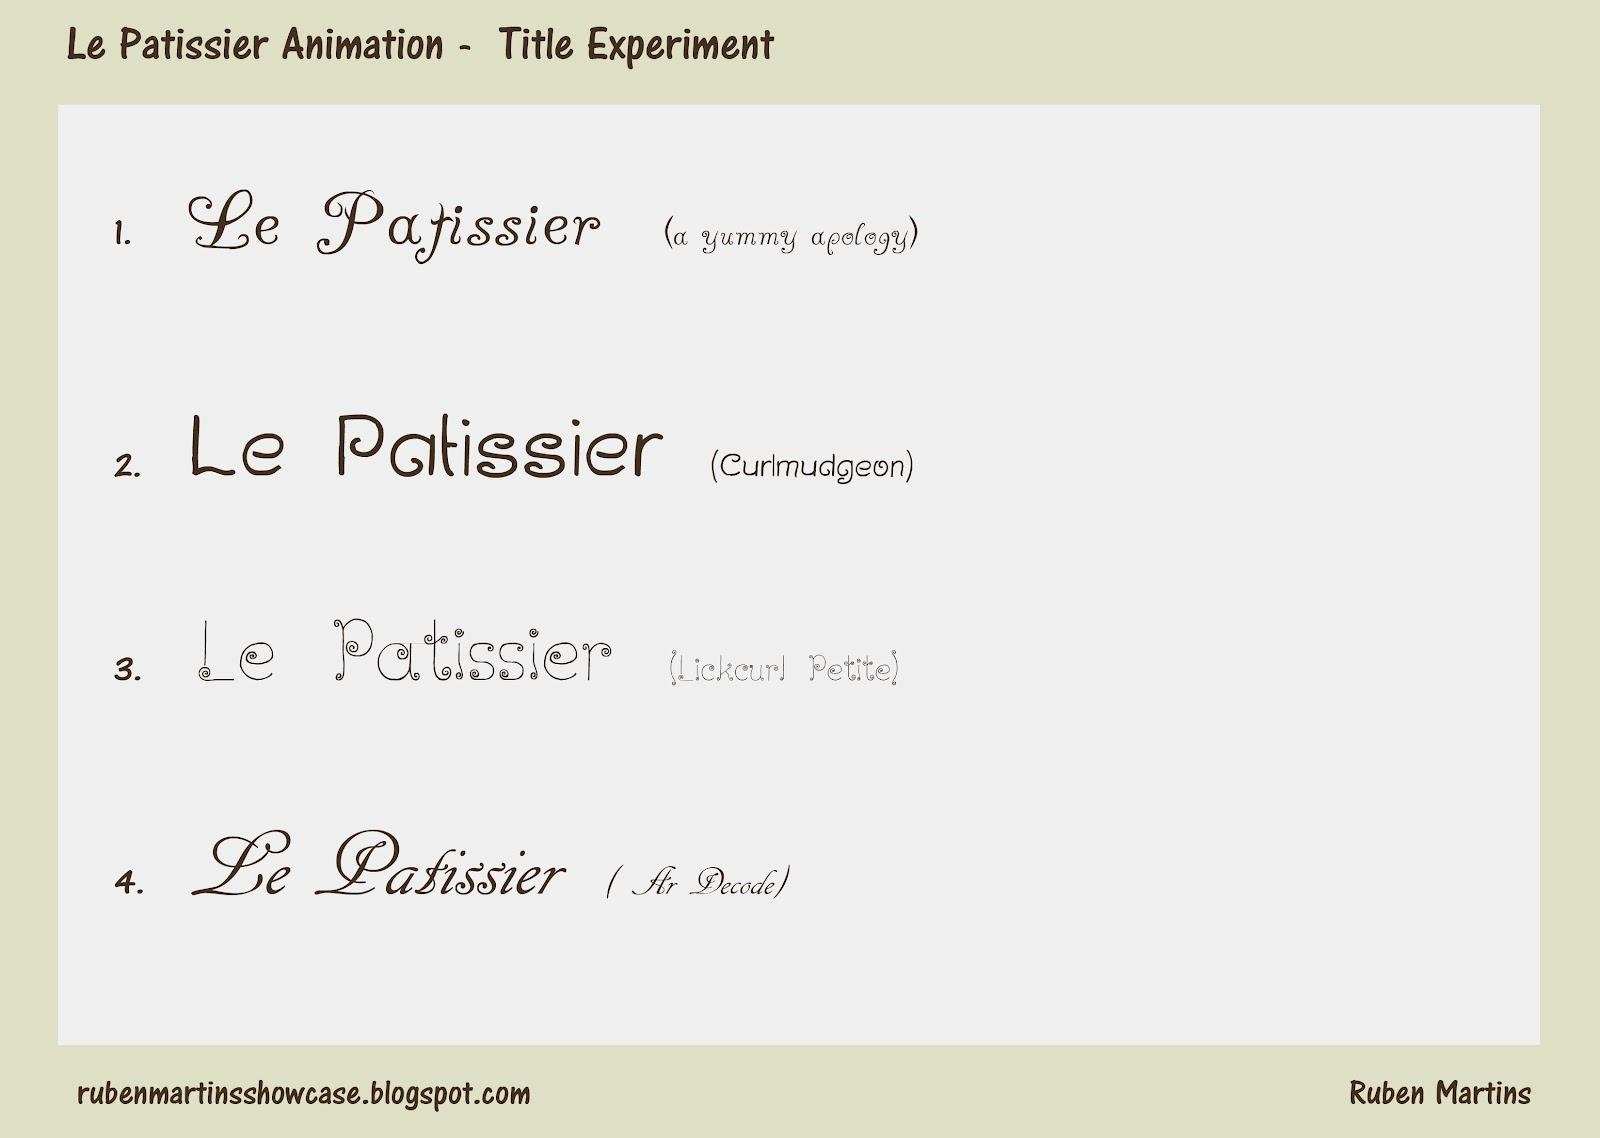 Ruben's Blogpage: Major Project: Le Patissier Title Experiment